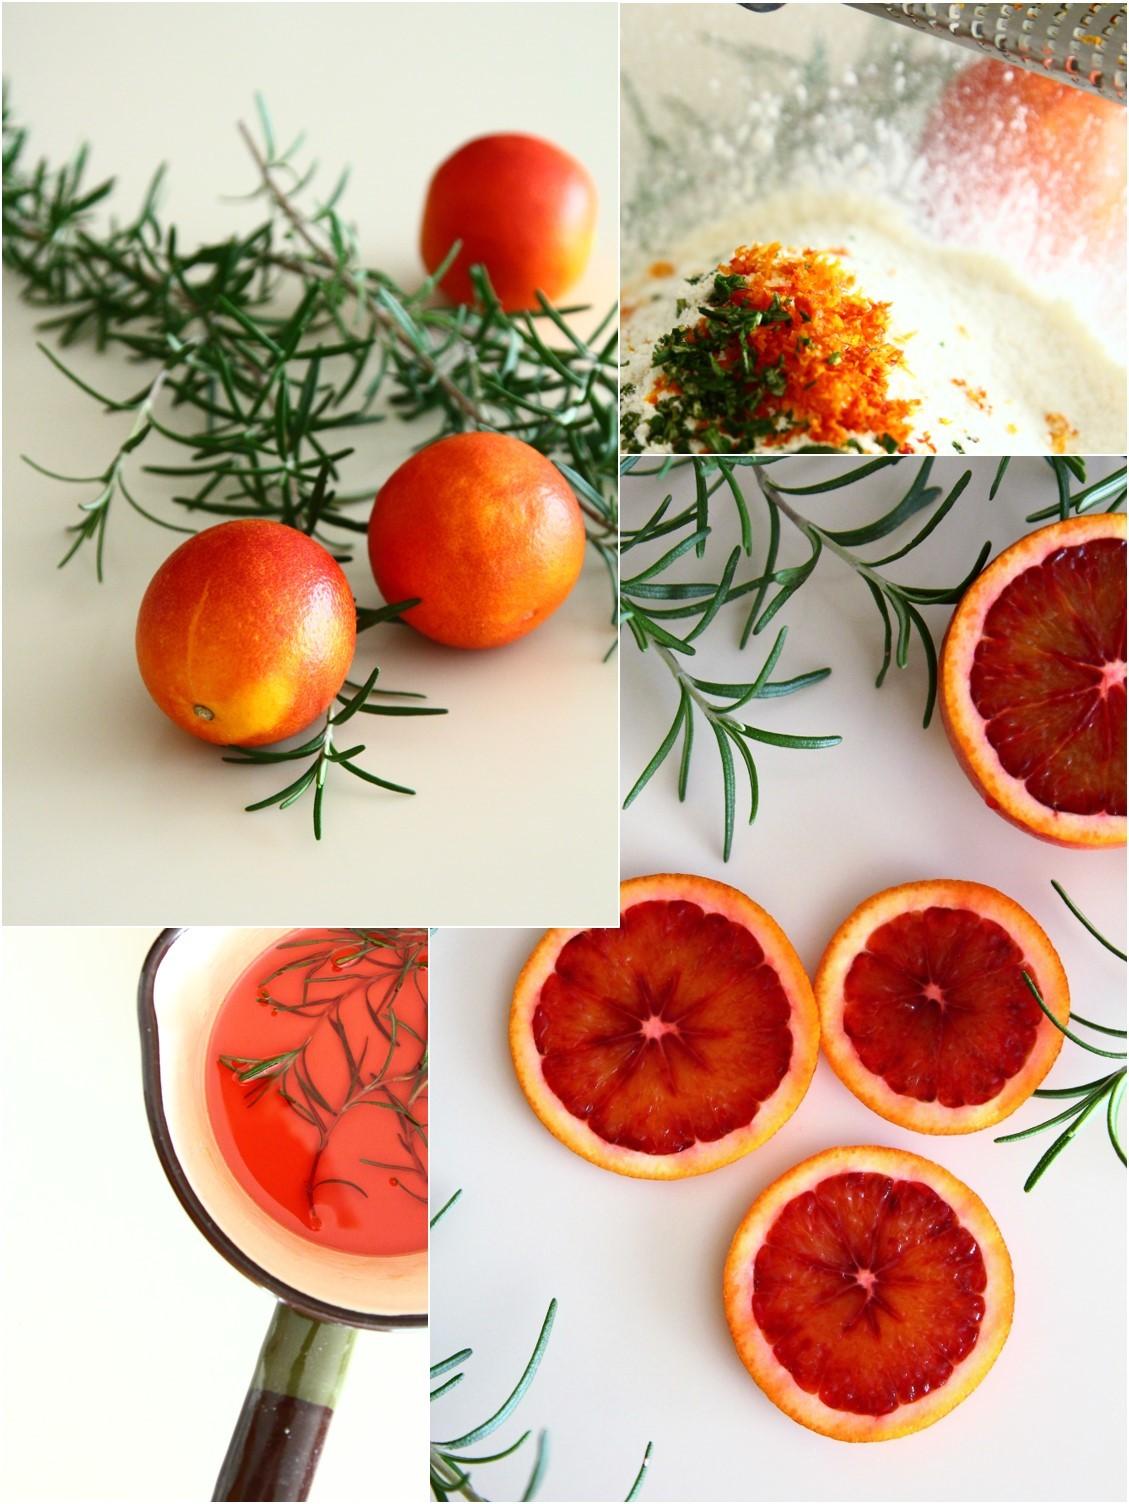 ブラッドオレンジ&ローズマリー ドリズルケーキ_a0107981_13403150.jpg